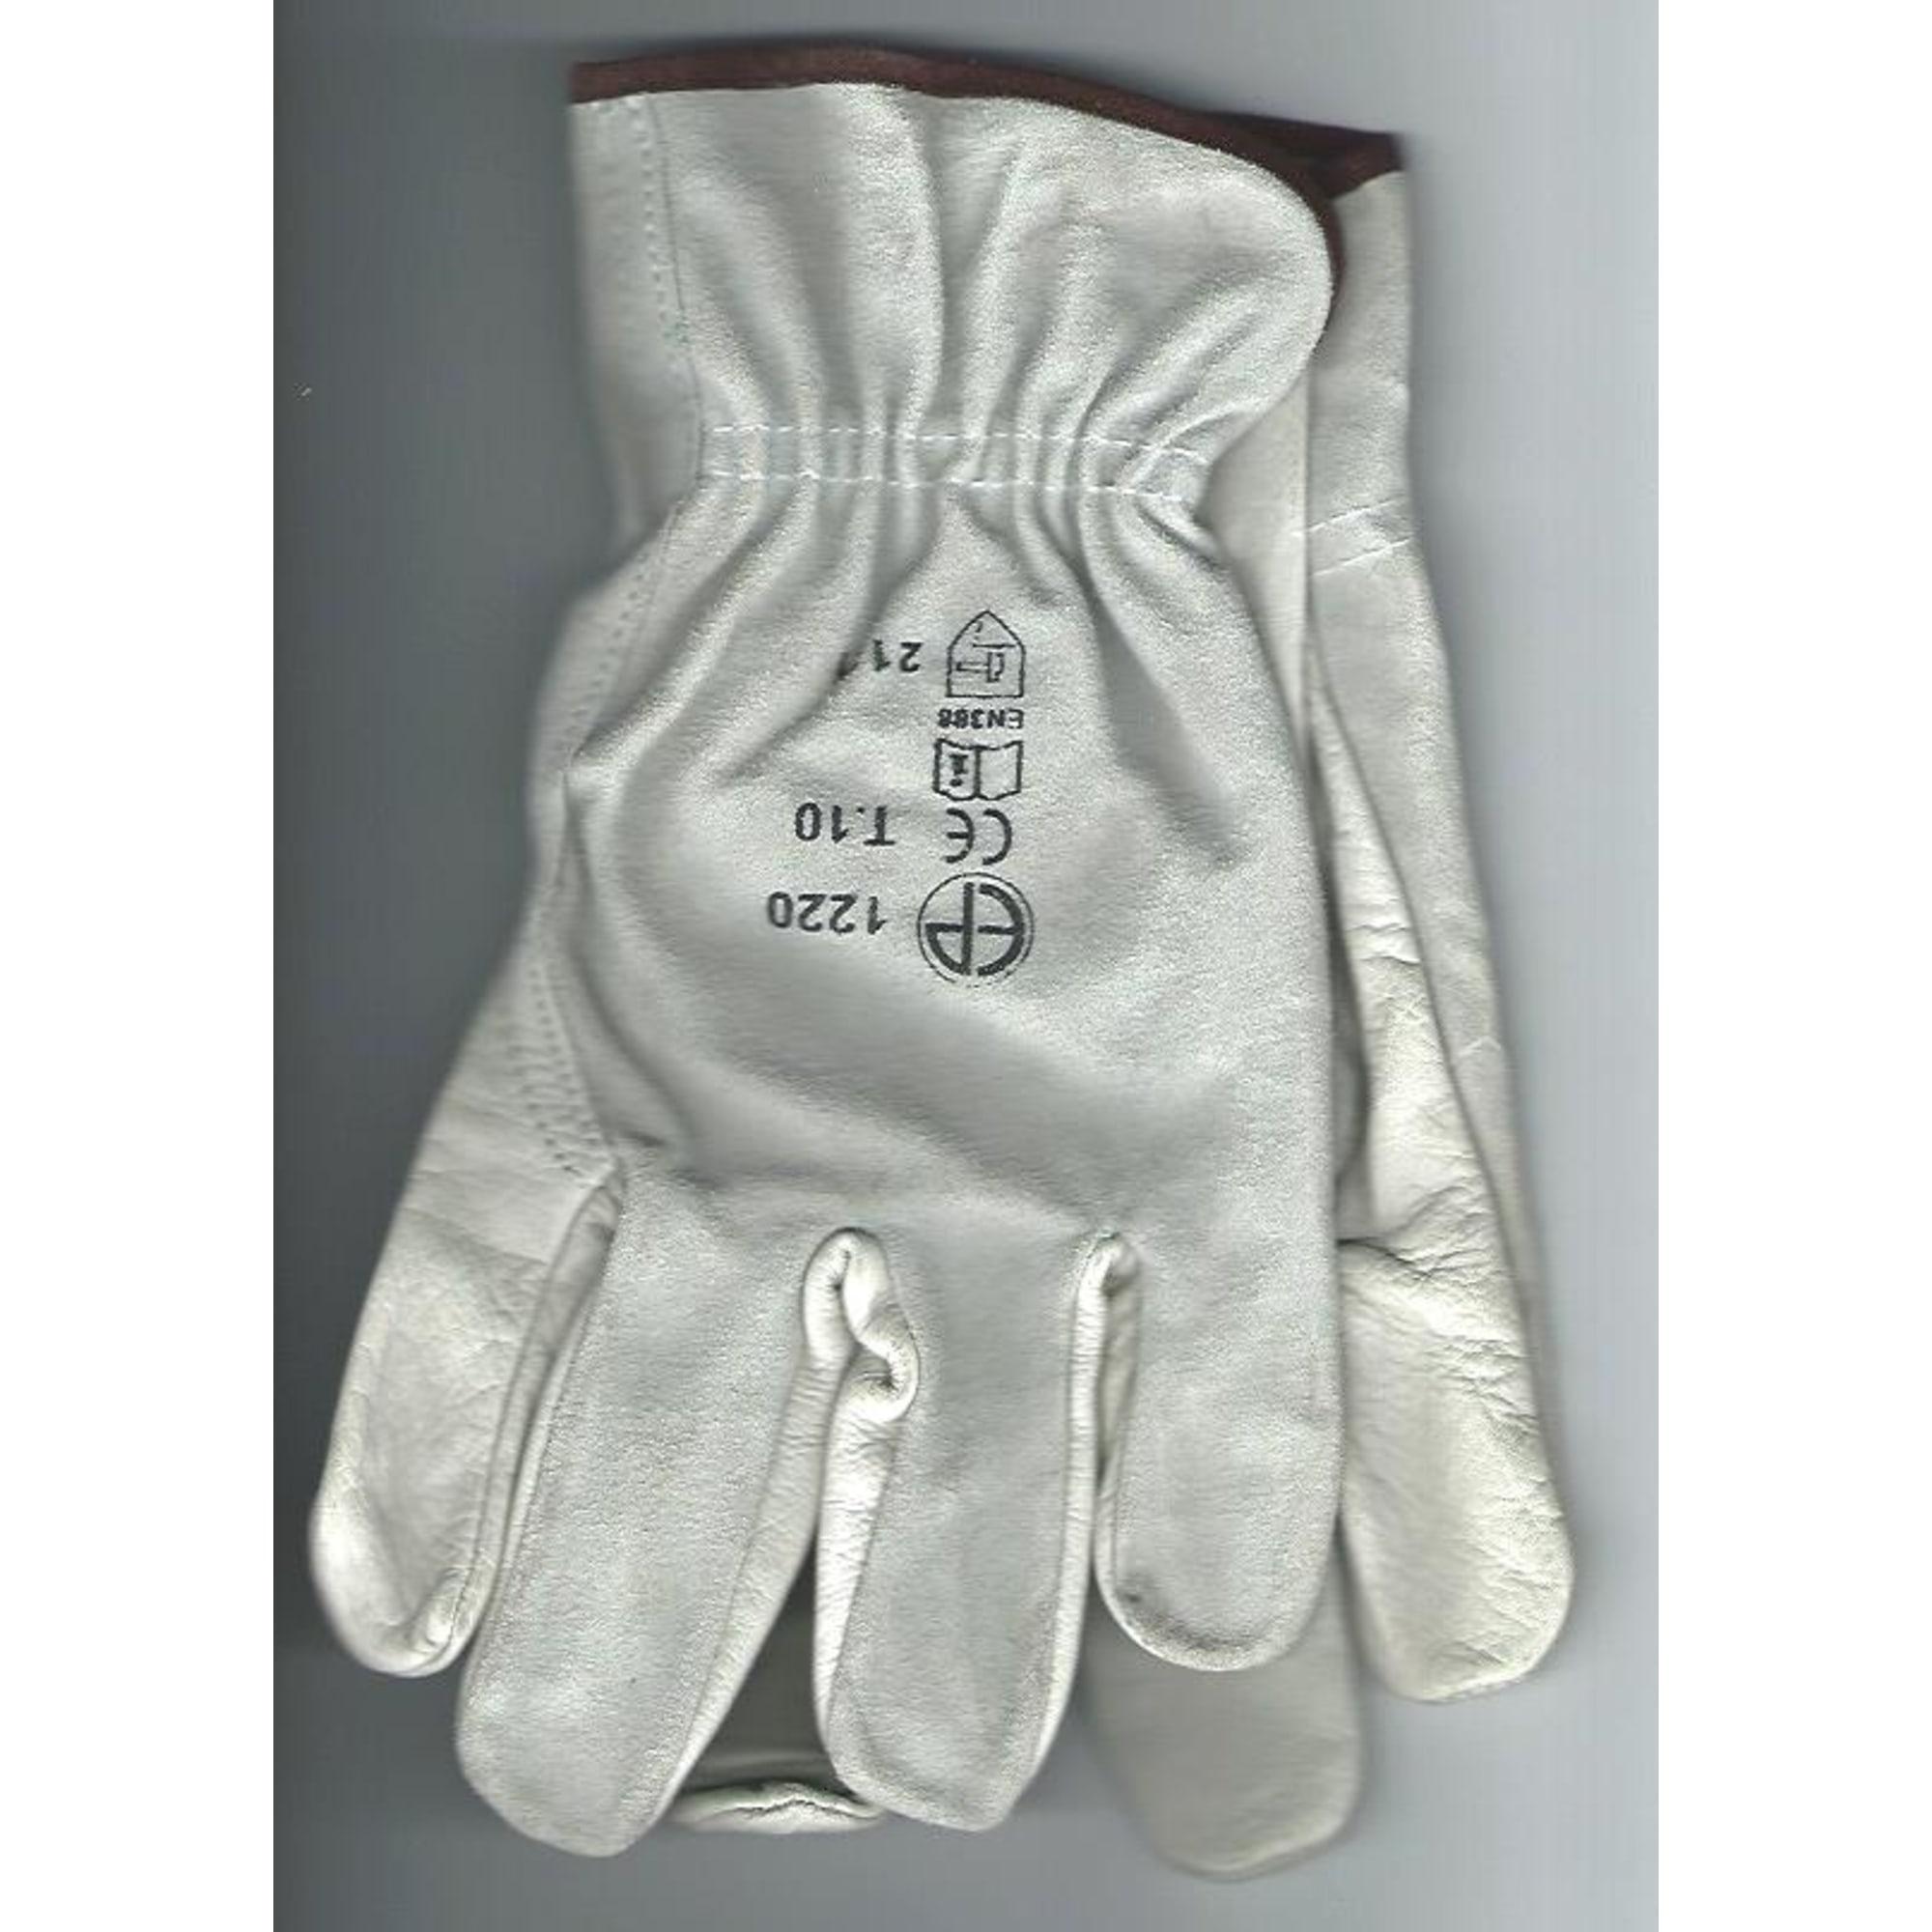 Handschuhe ERGOS Weiß, elfenbeinfarben